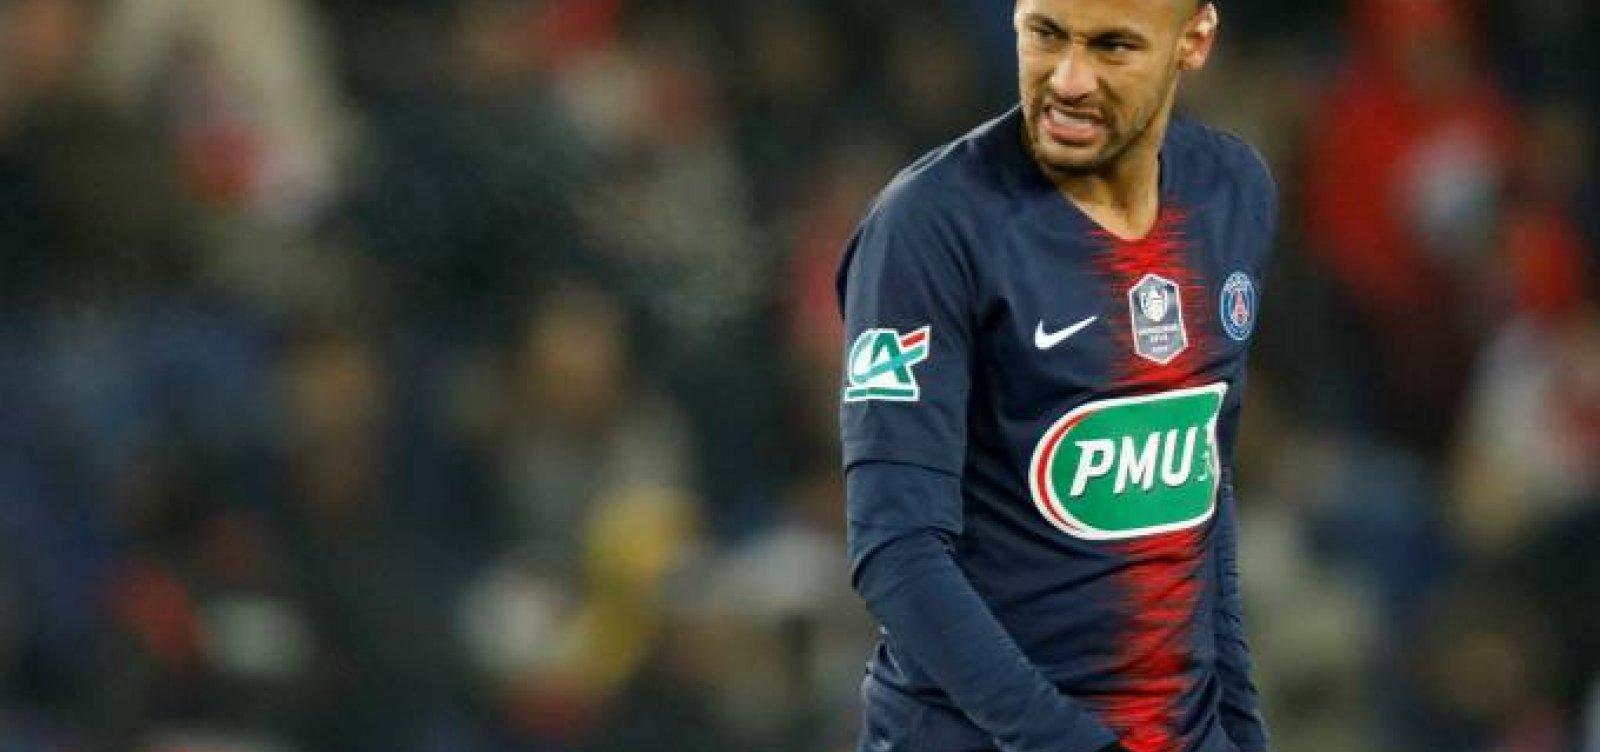 ['Não quero mais jogar no PSG', diz Neymar a presidente do clube]